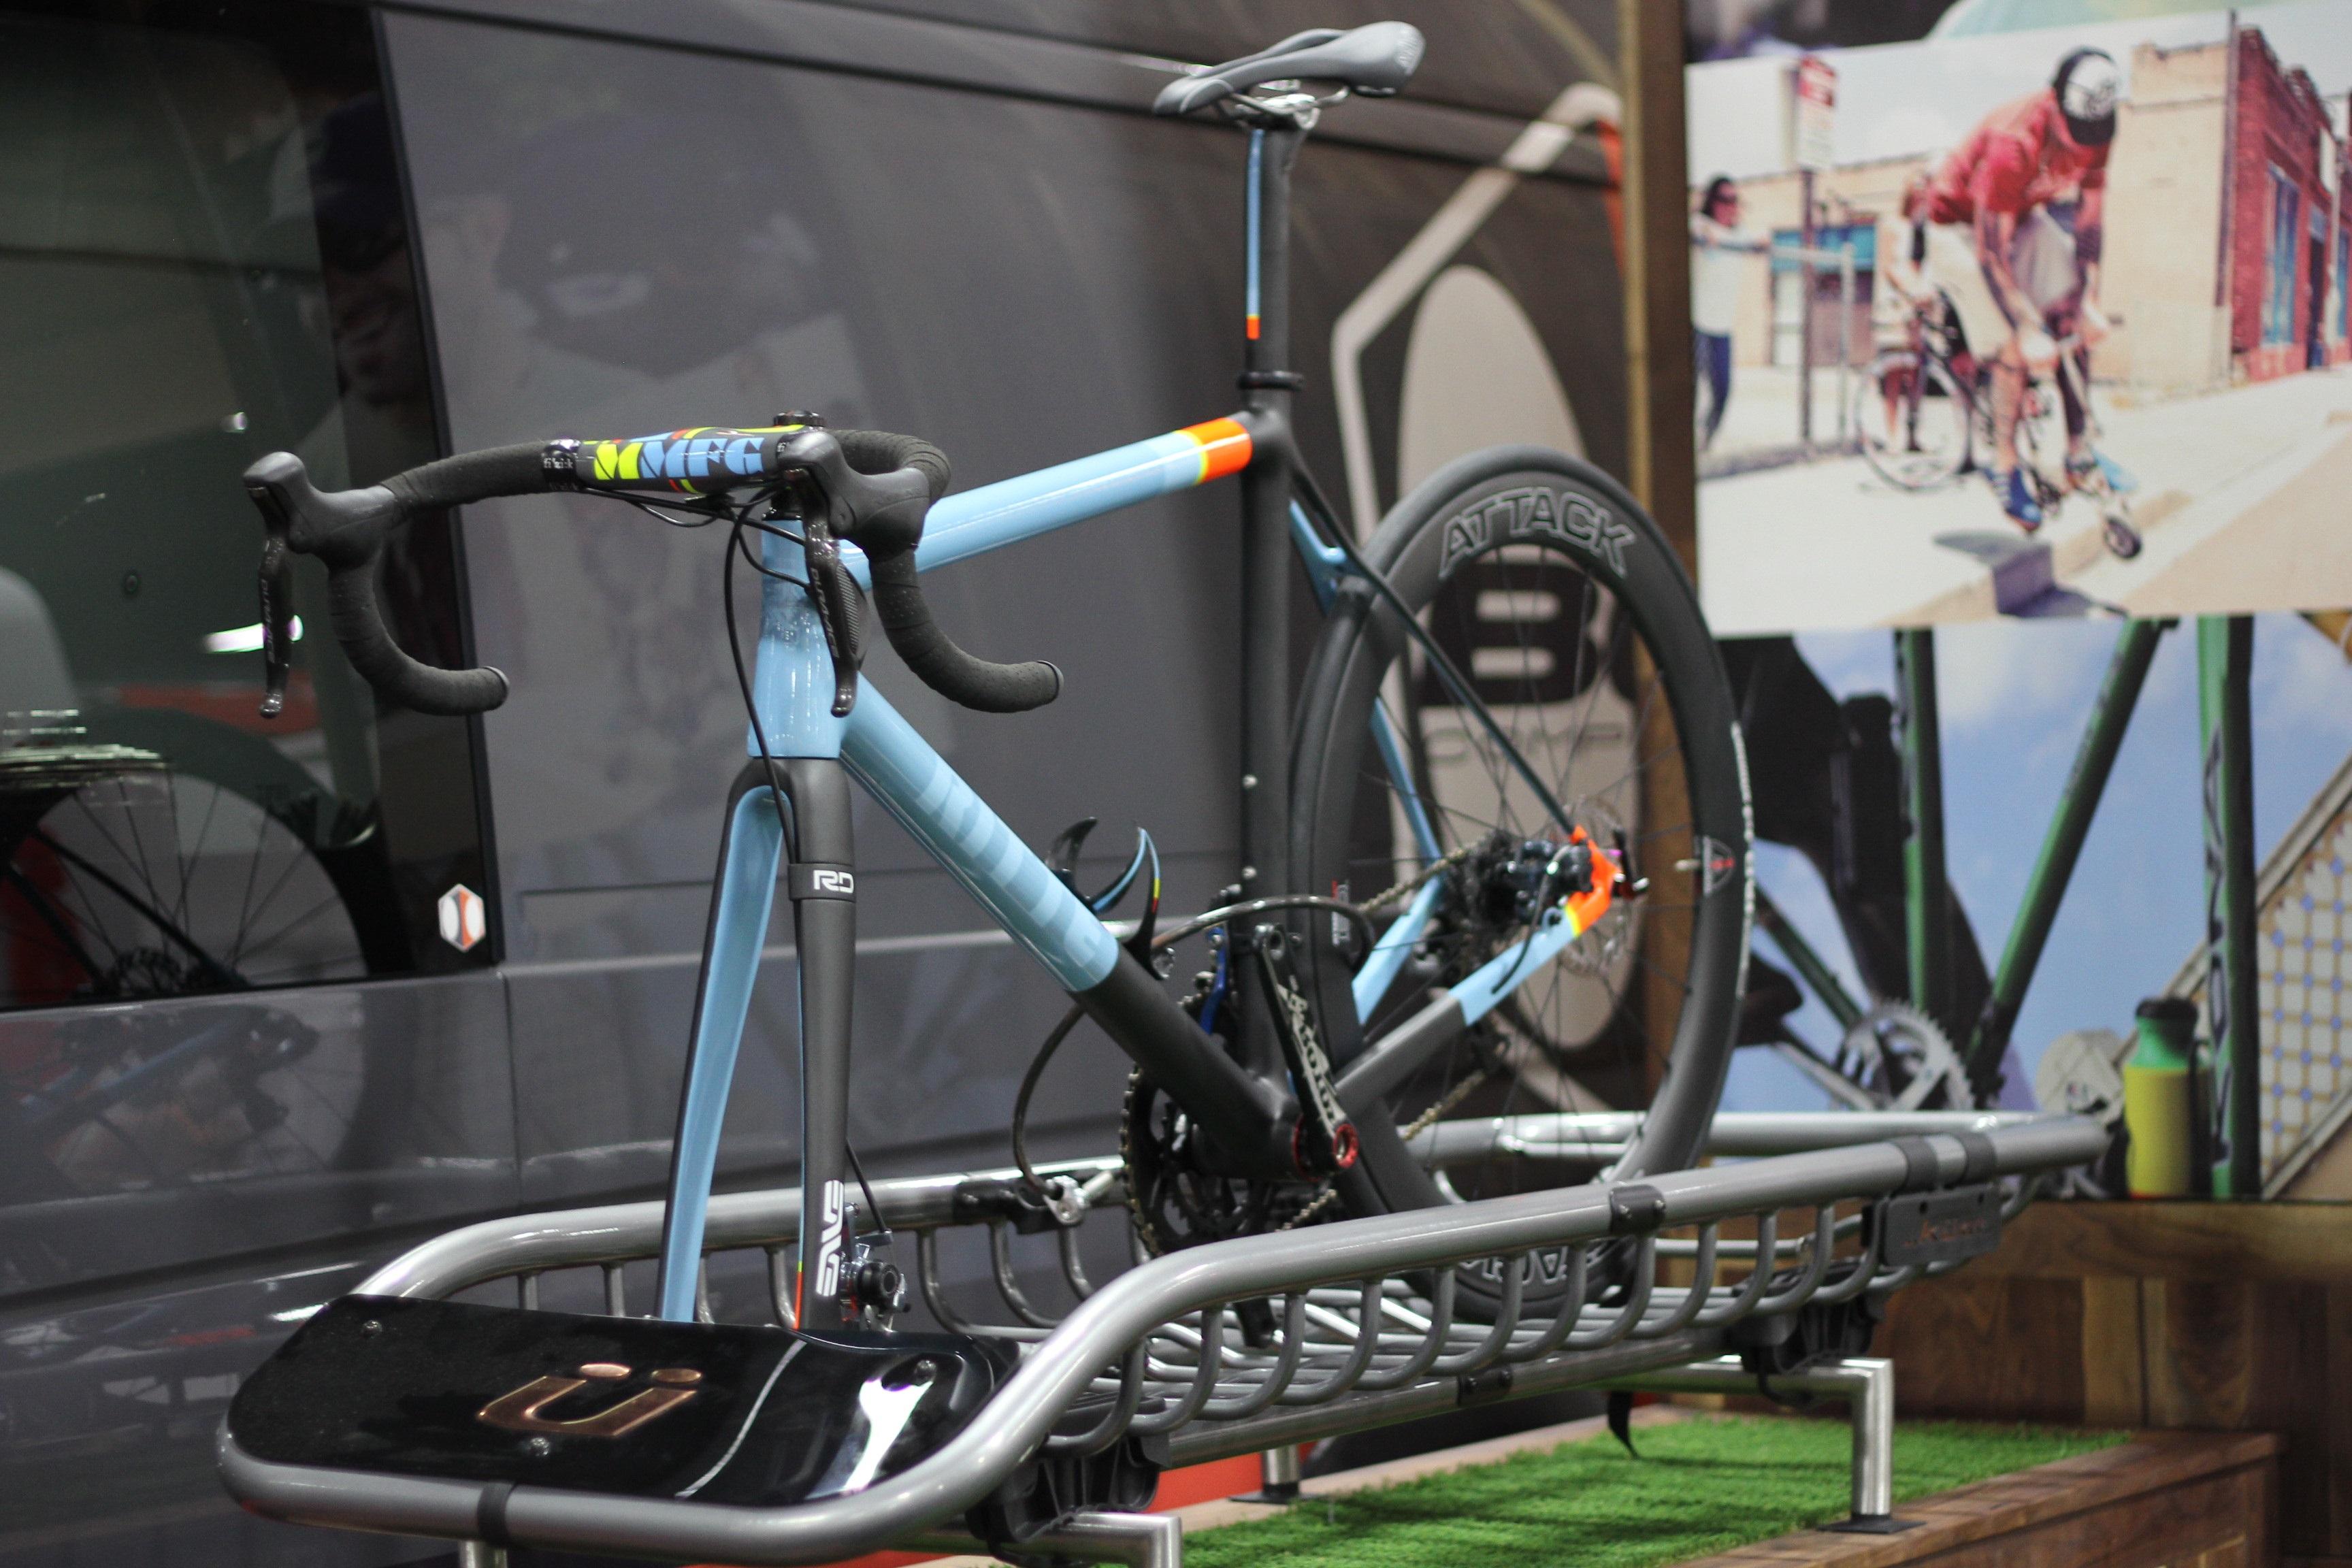 Colorful bike stand photo